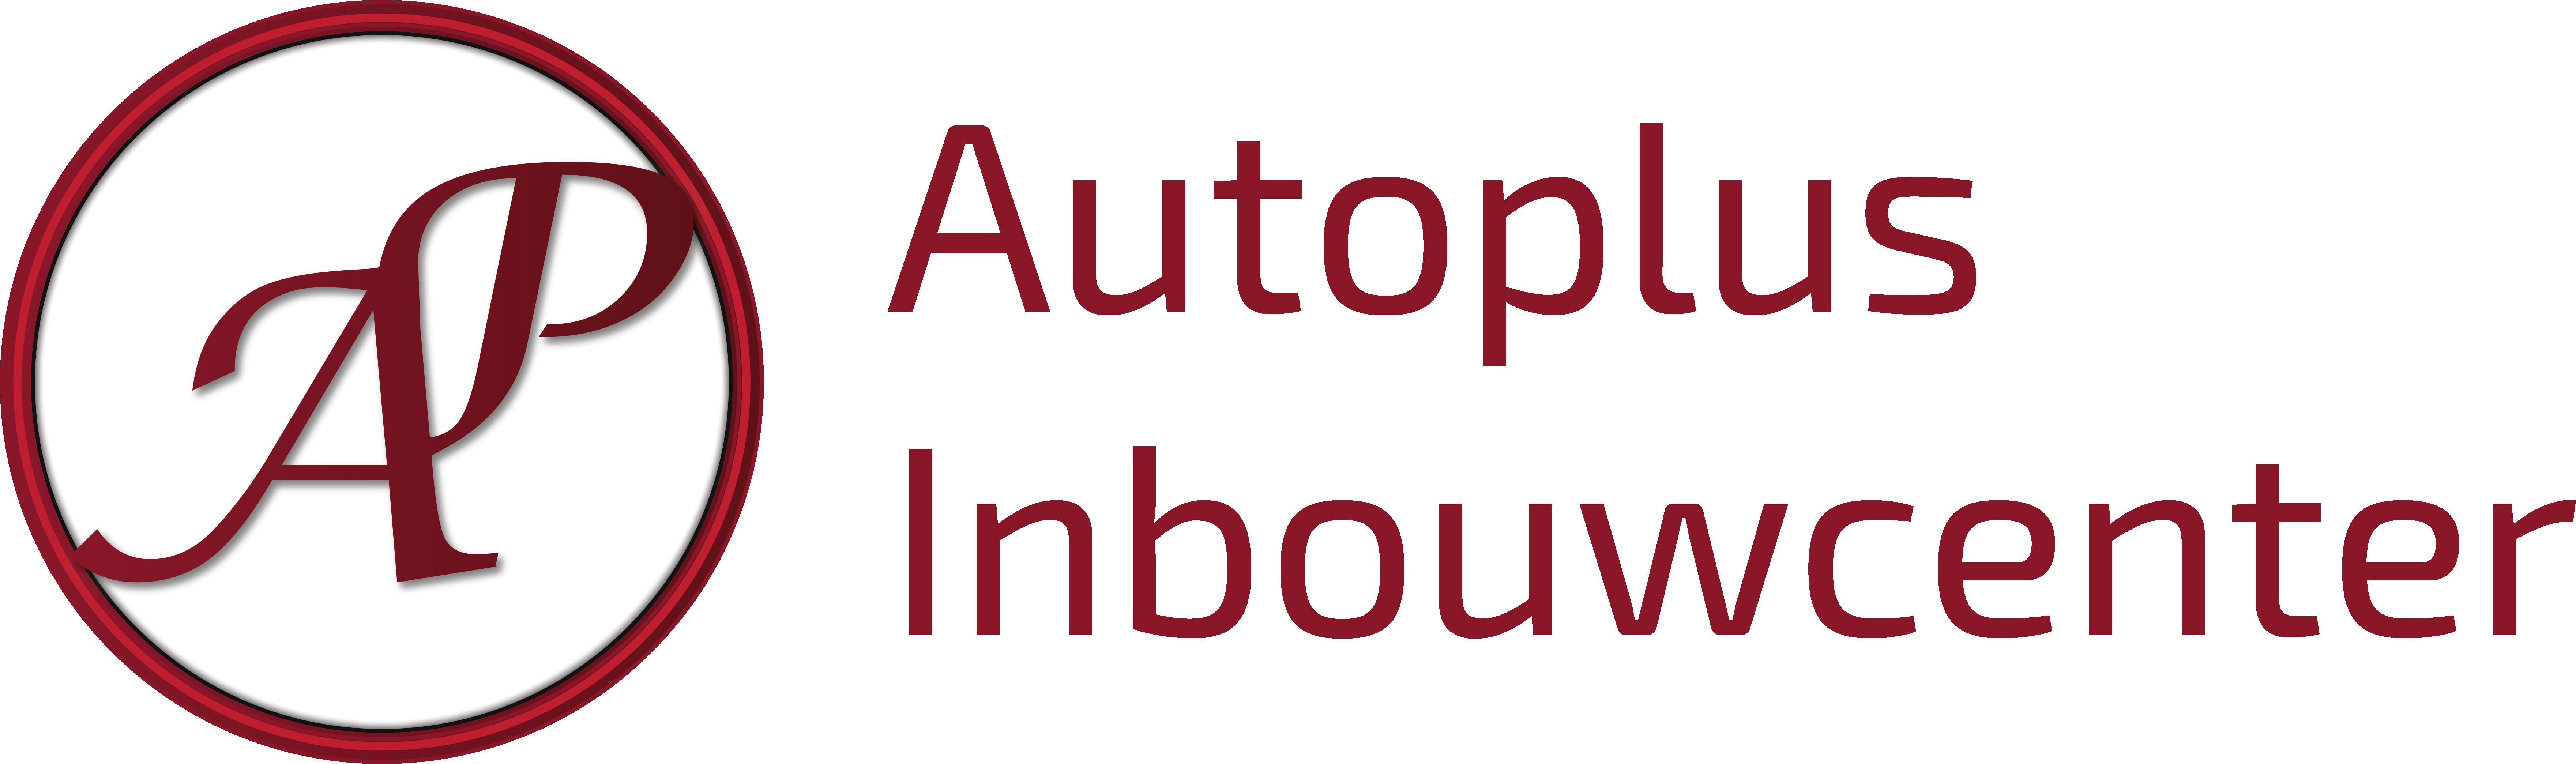 Autoplus Inbouwcenter